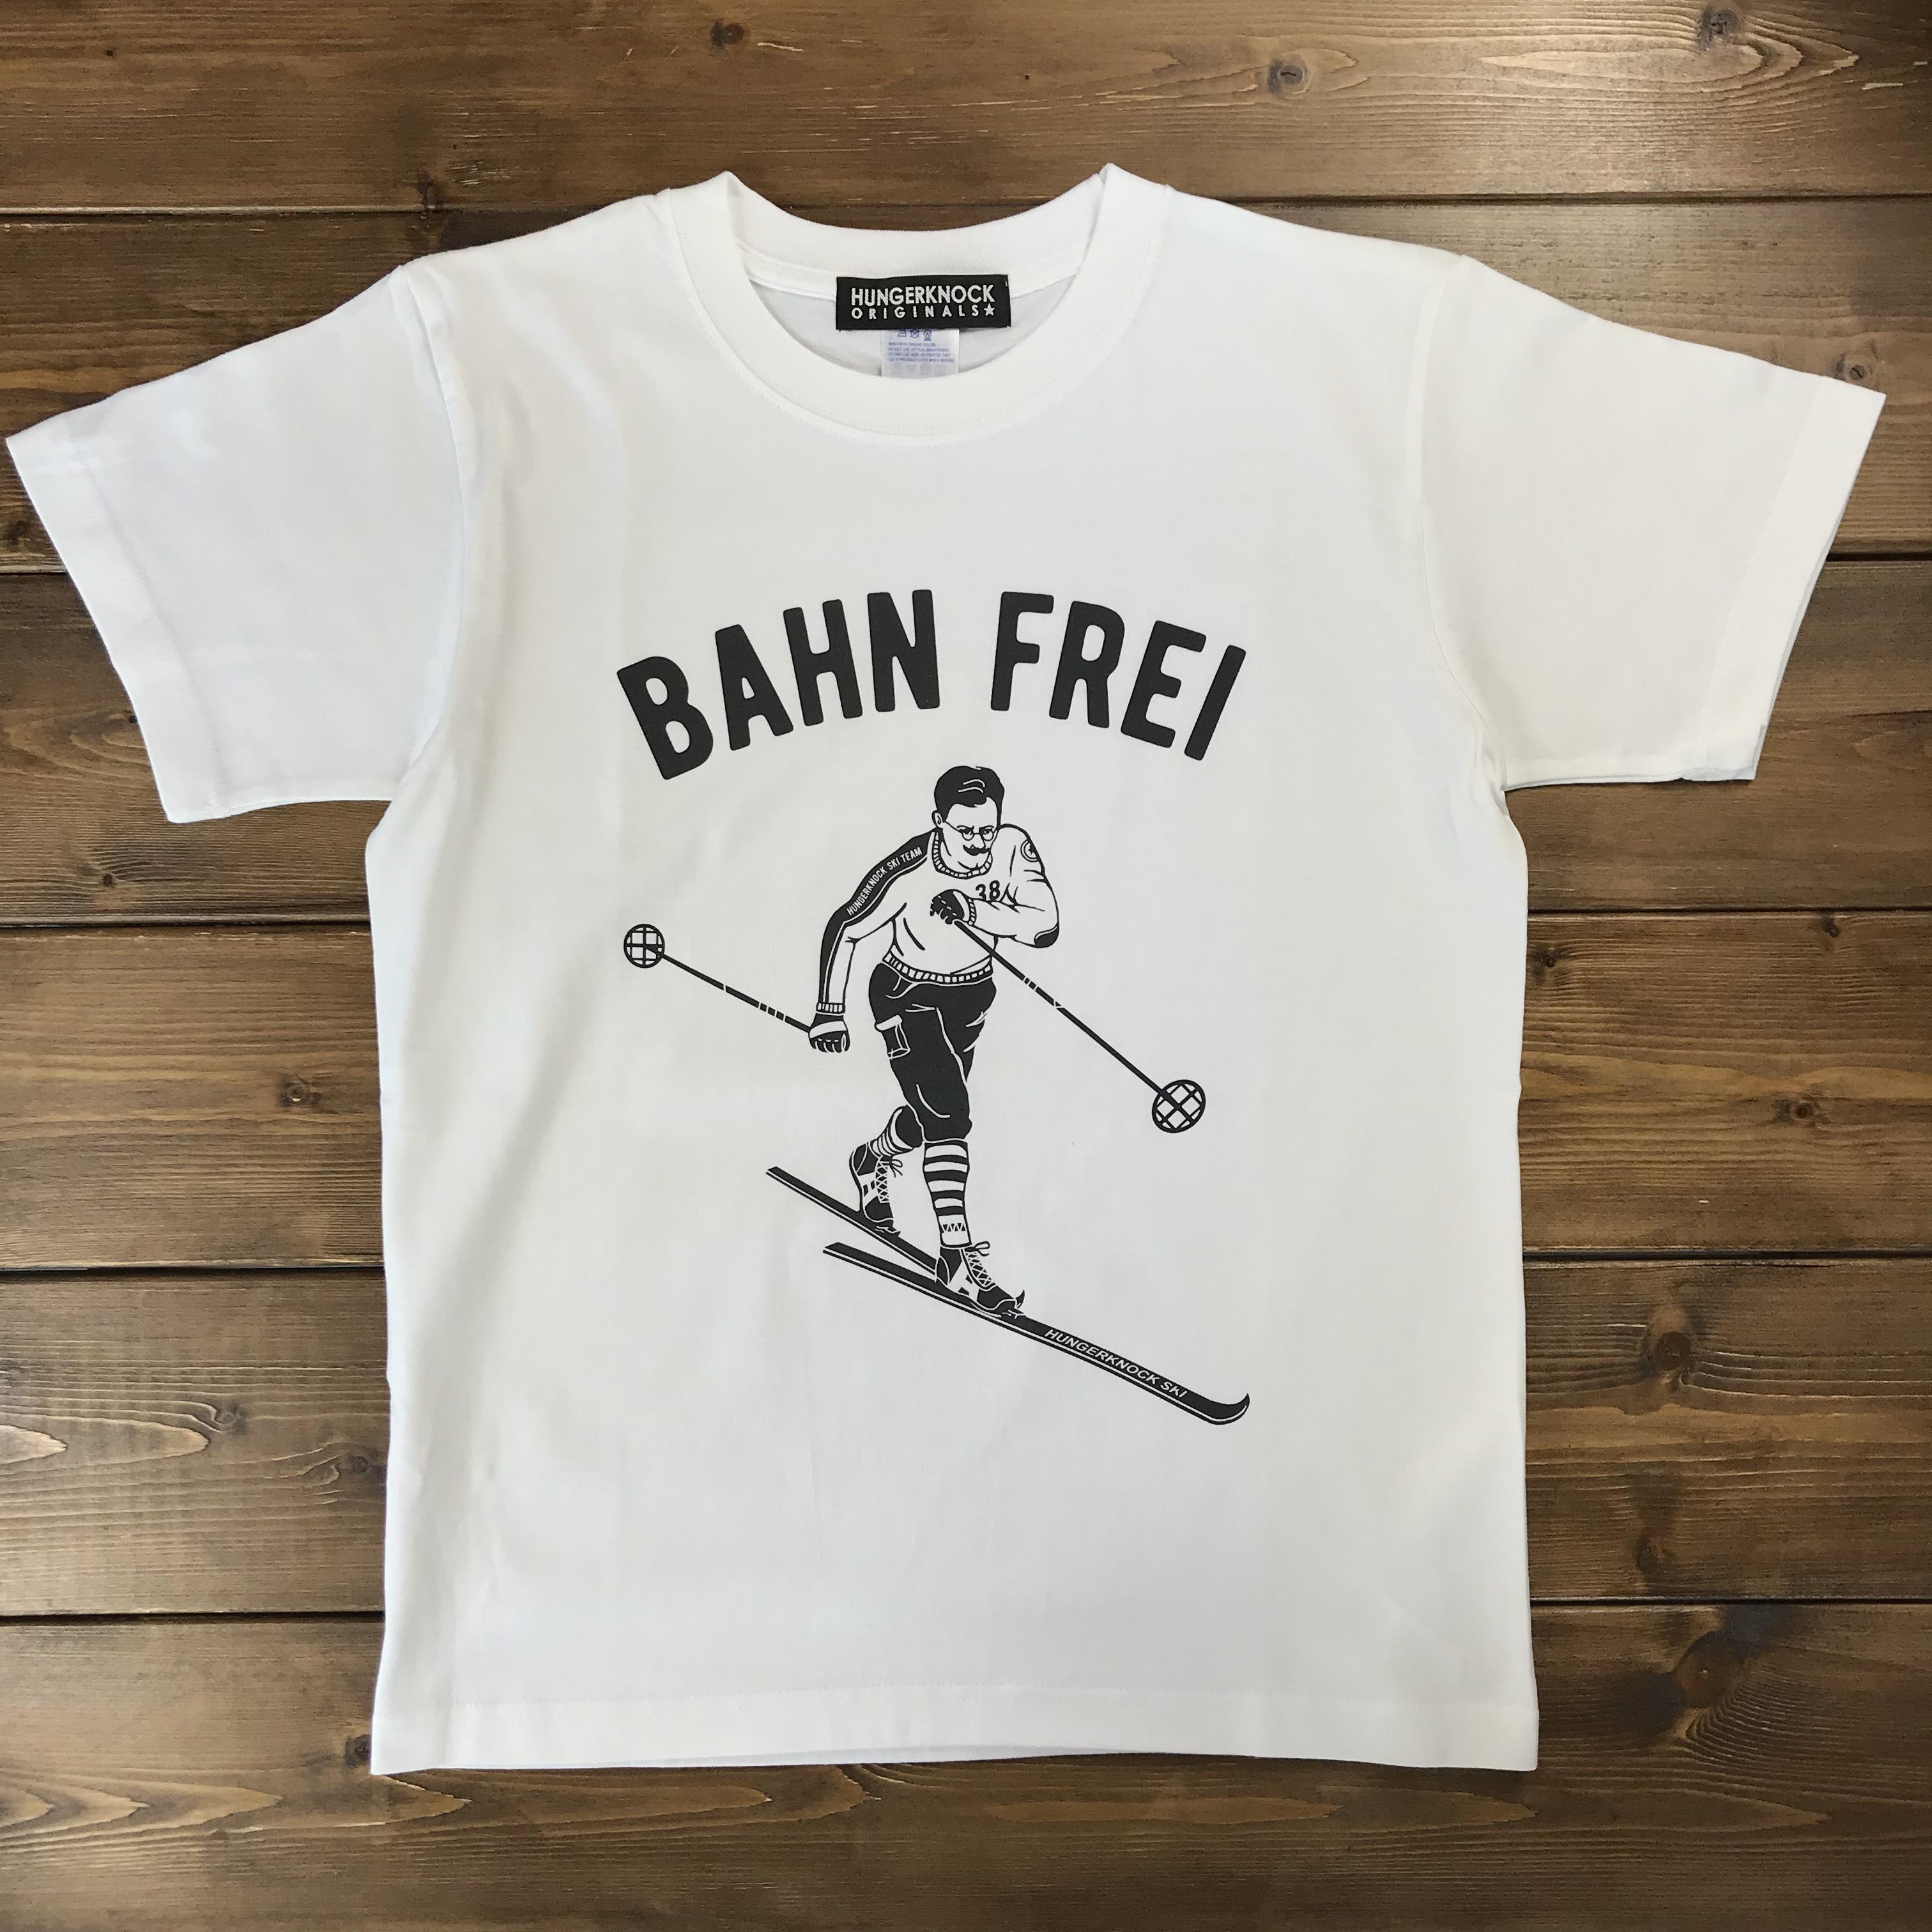 BAHN FREI Tee / white